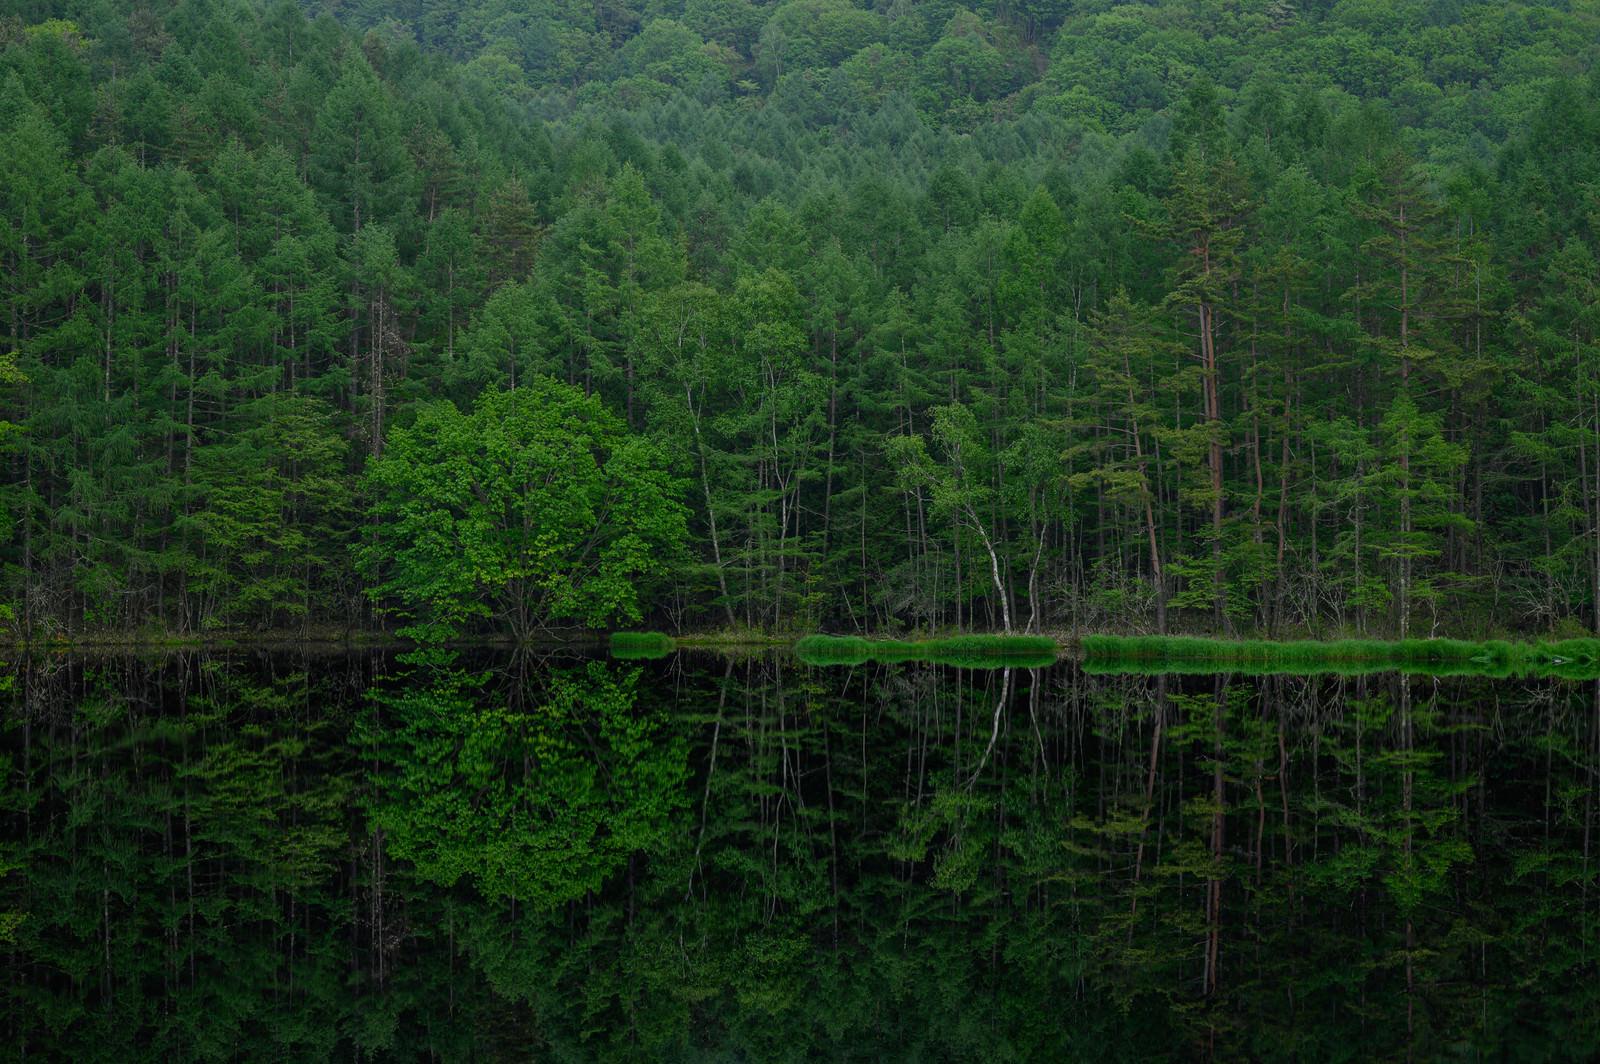 「静寂な水鏡(御射鹿池)」の写真